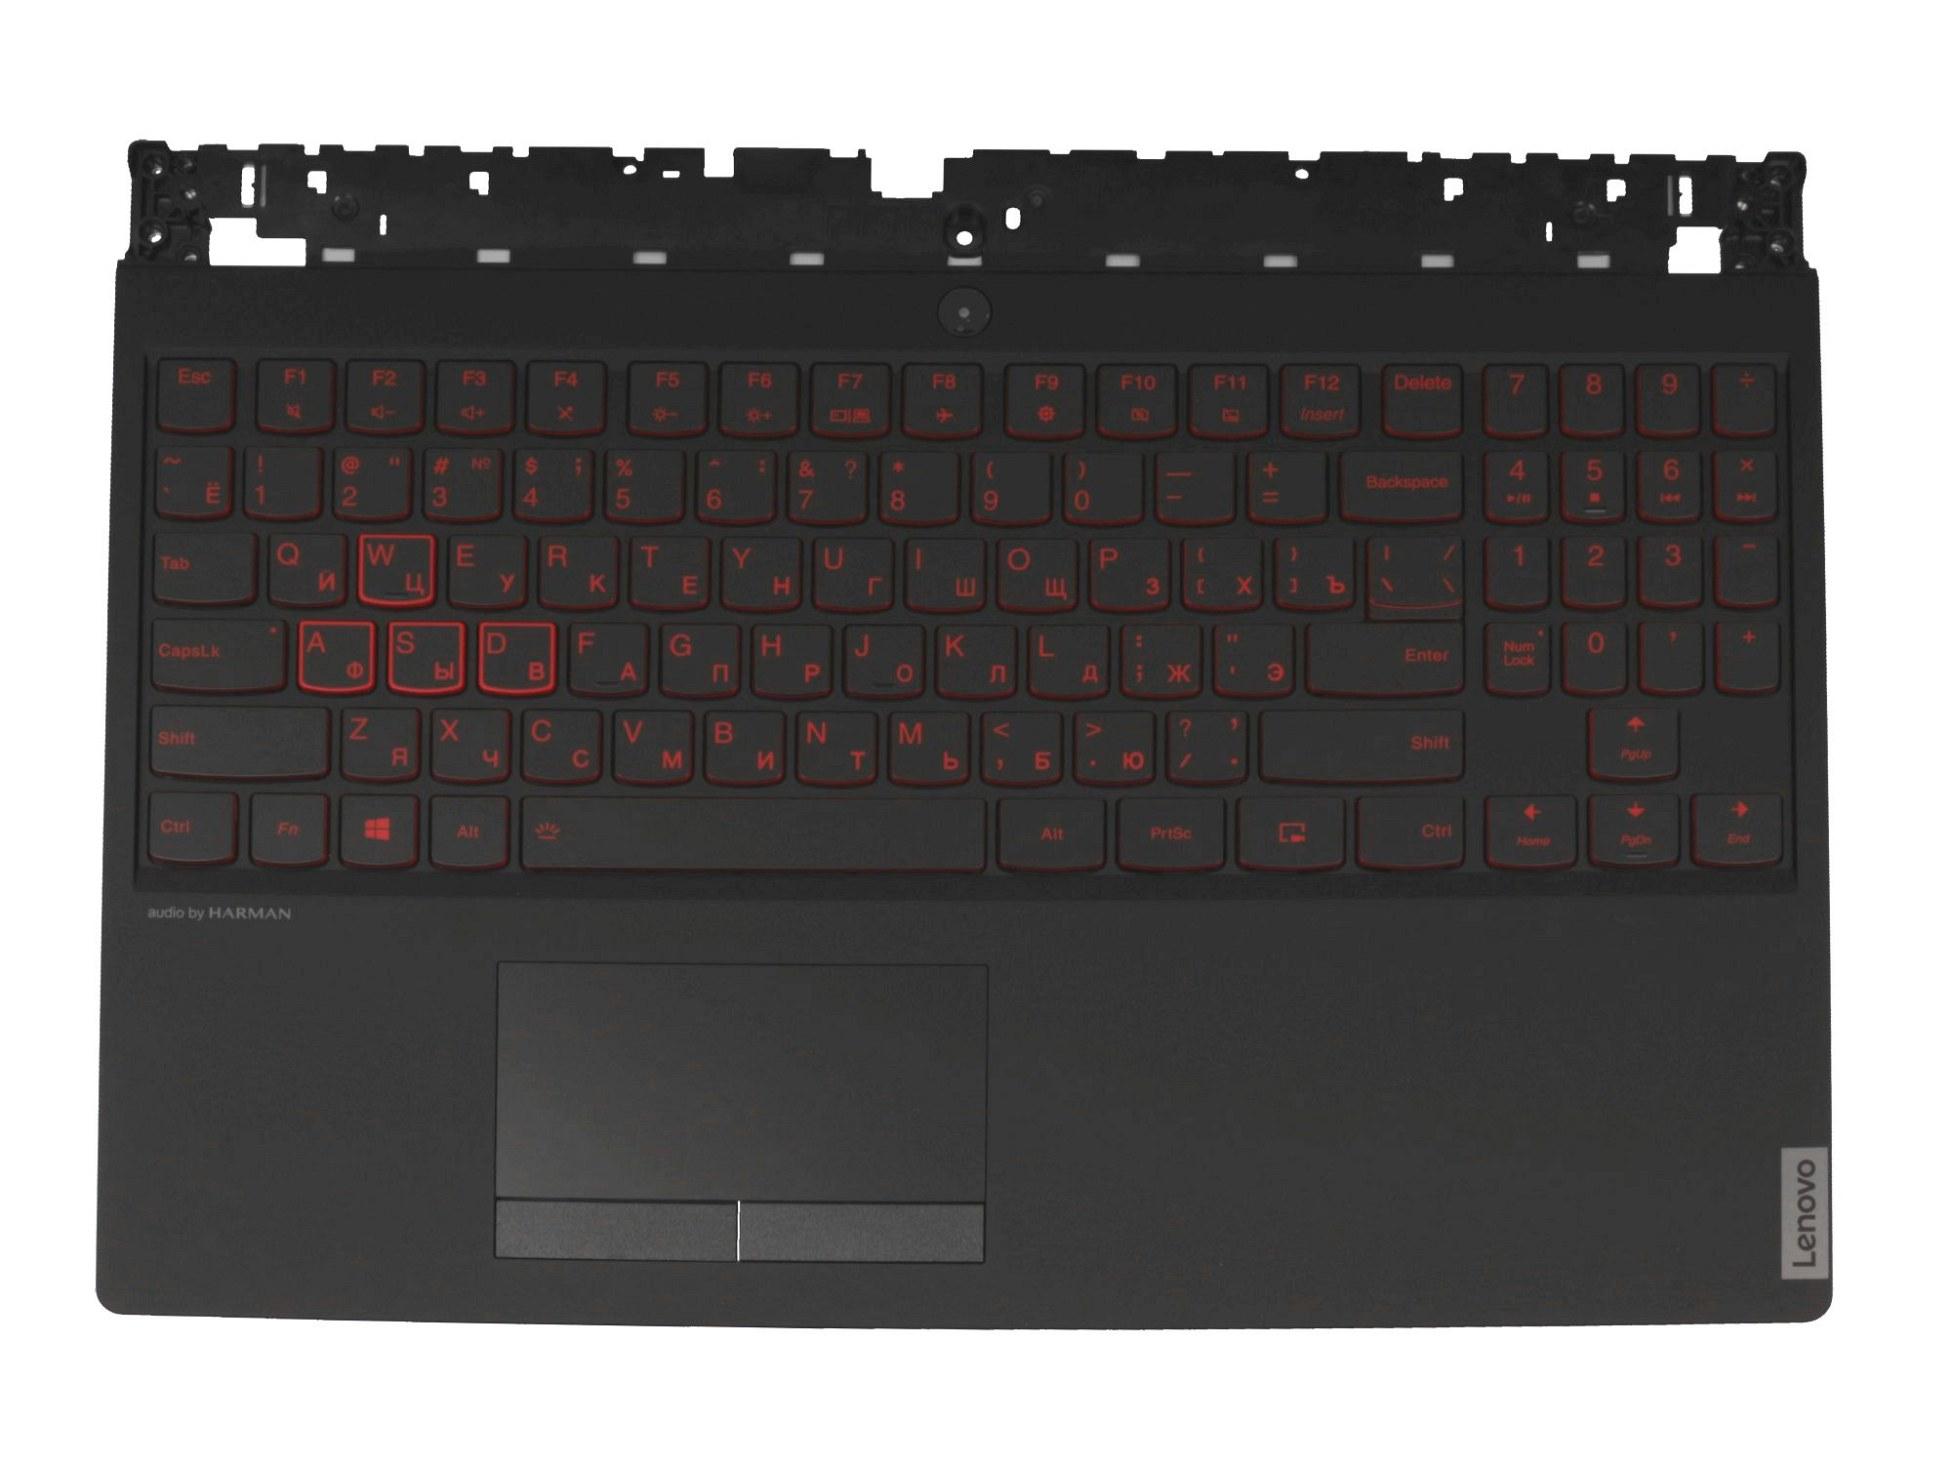 TRY719 Tastatur inkl. Topcase RU (russisch) schwarz/schwarz mit Backlight Original